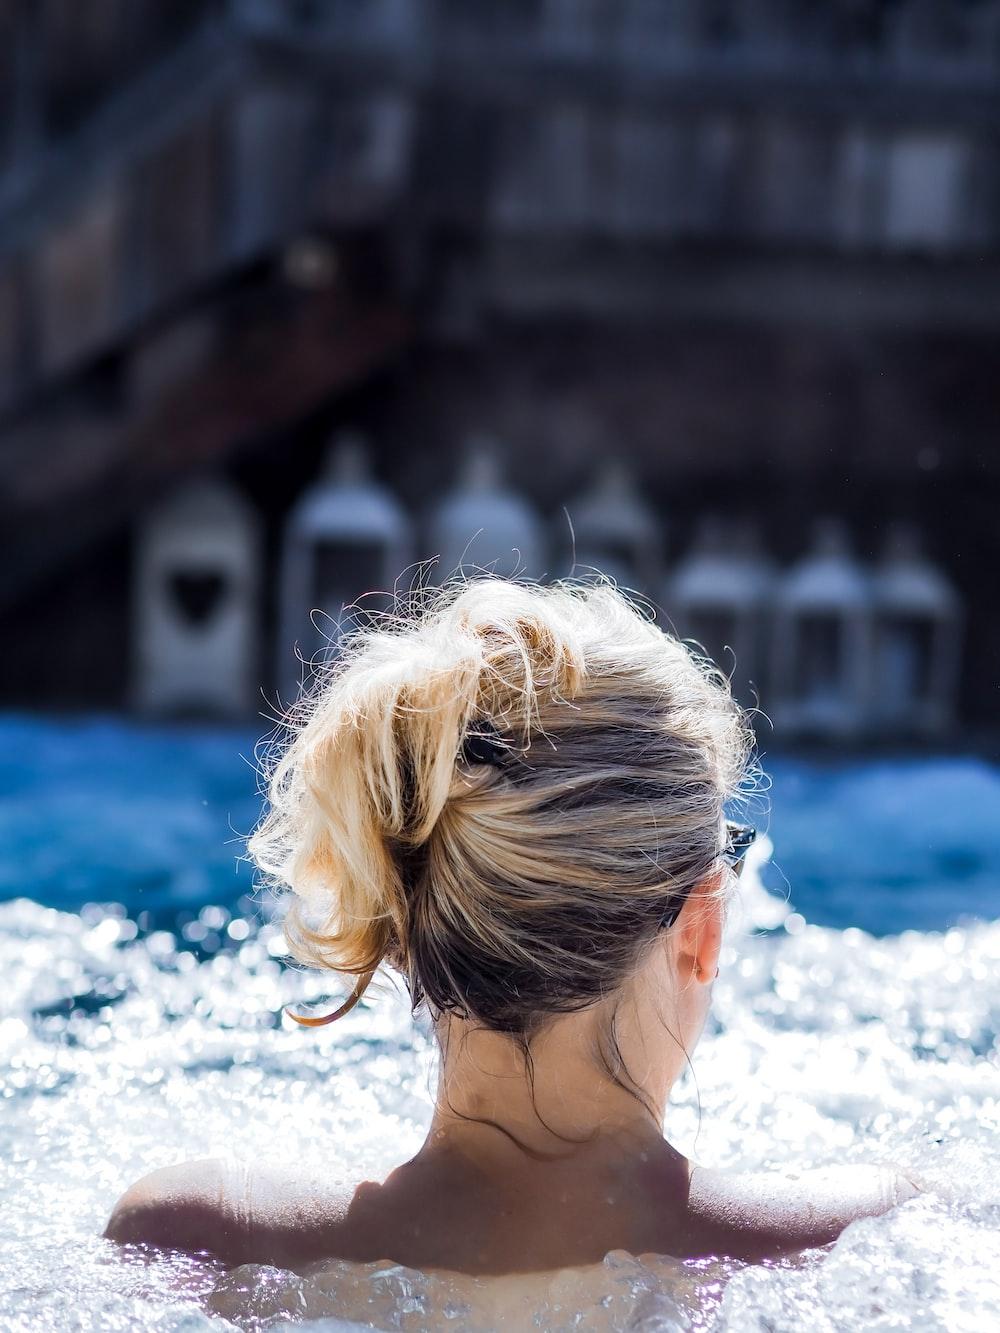 woman in blue and white bikini top on water